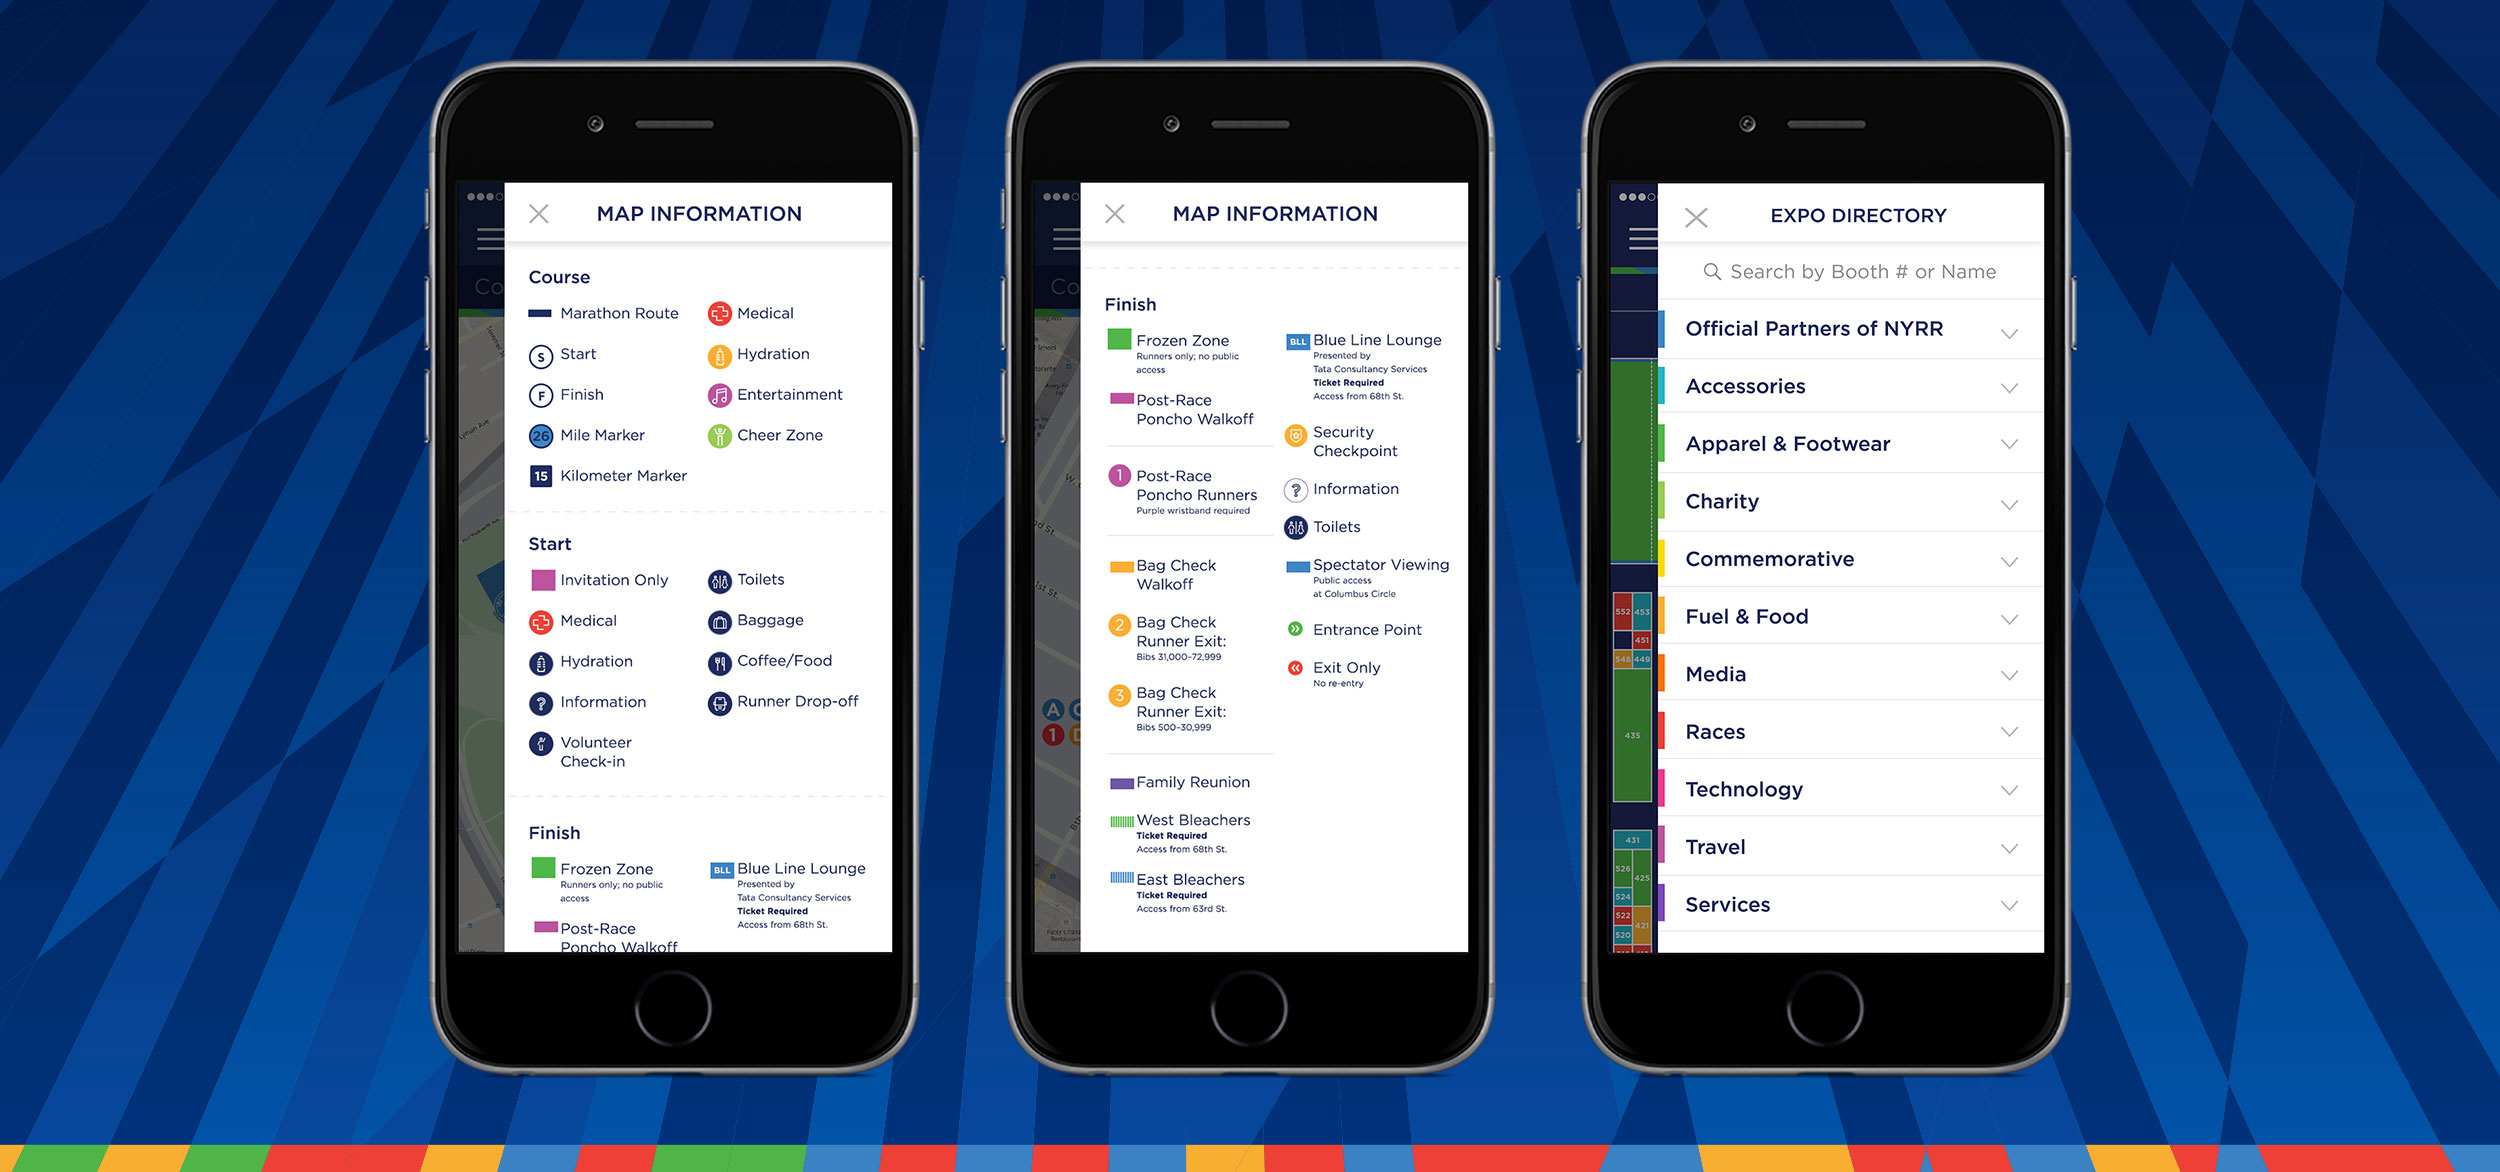 Mobile-App-Maps_info.jpg